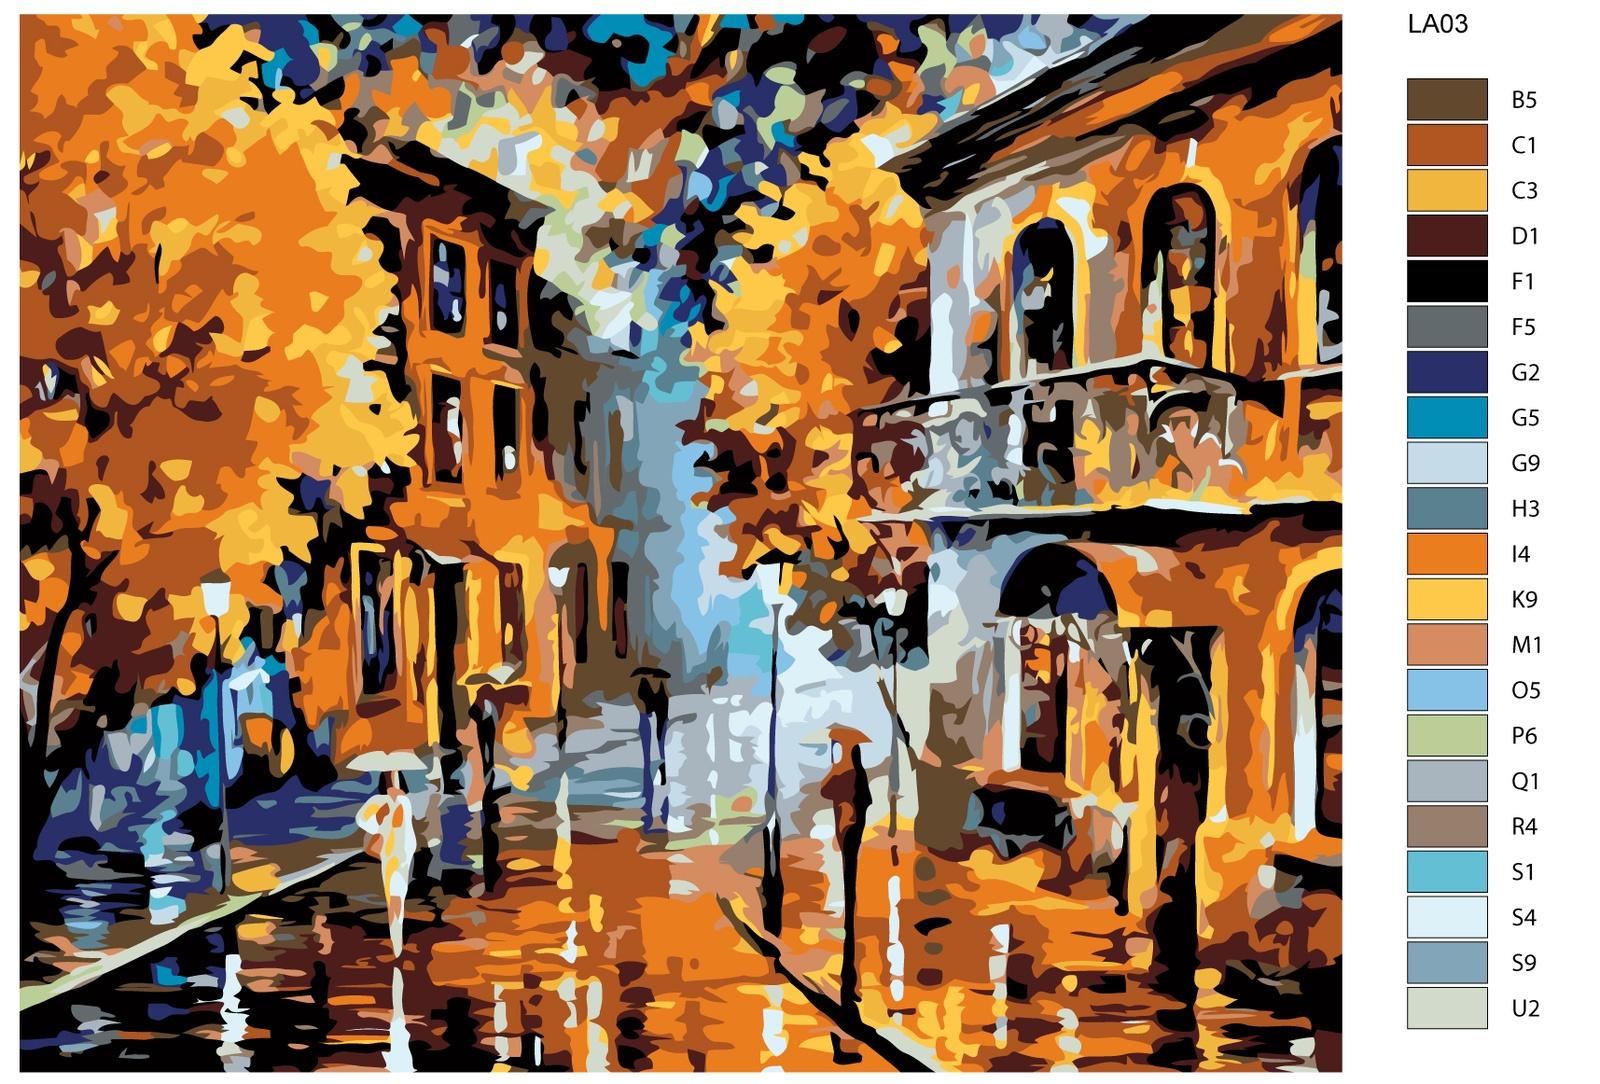 Набор для создания картины Живопись по номерам LA03LA03Количество красок от 18 до 24. Картина раскрашивается без смешивания красок. Высококачественные акриловые краски собственного производства сделают вашу картину яркой и уникальной. Все необходимые материалы есть в комплекте: натуральный хлопковый холст, натянутый на деревянный подрамник, баночки с акриловыми красками на водной основе, 3 кисти из качественного нейлона, схема раскрашивания, инструкция. Просто закрашивайте участки красками с соответствующим номером.